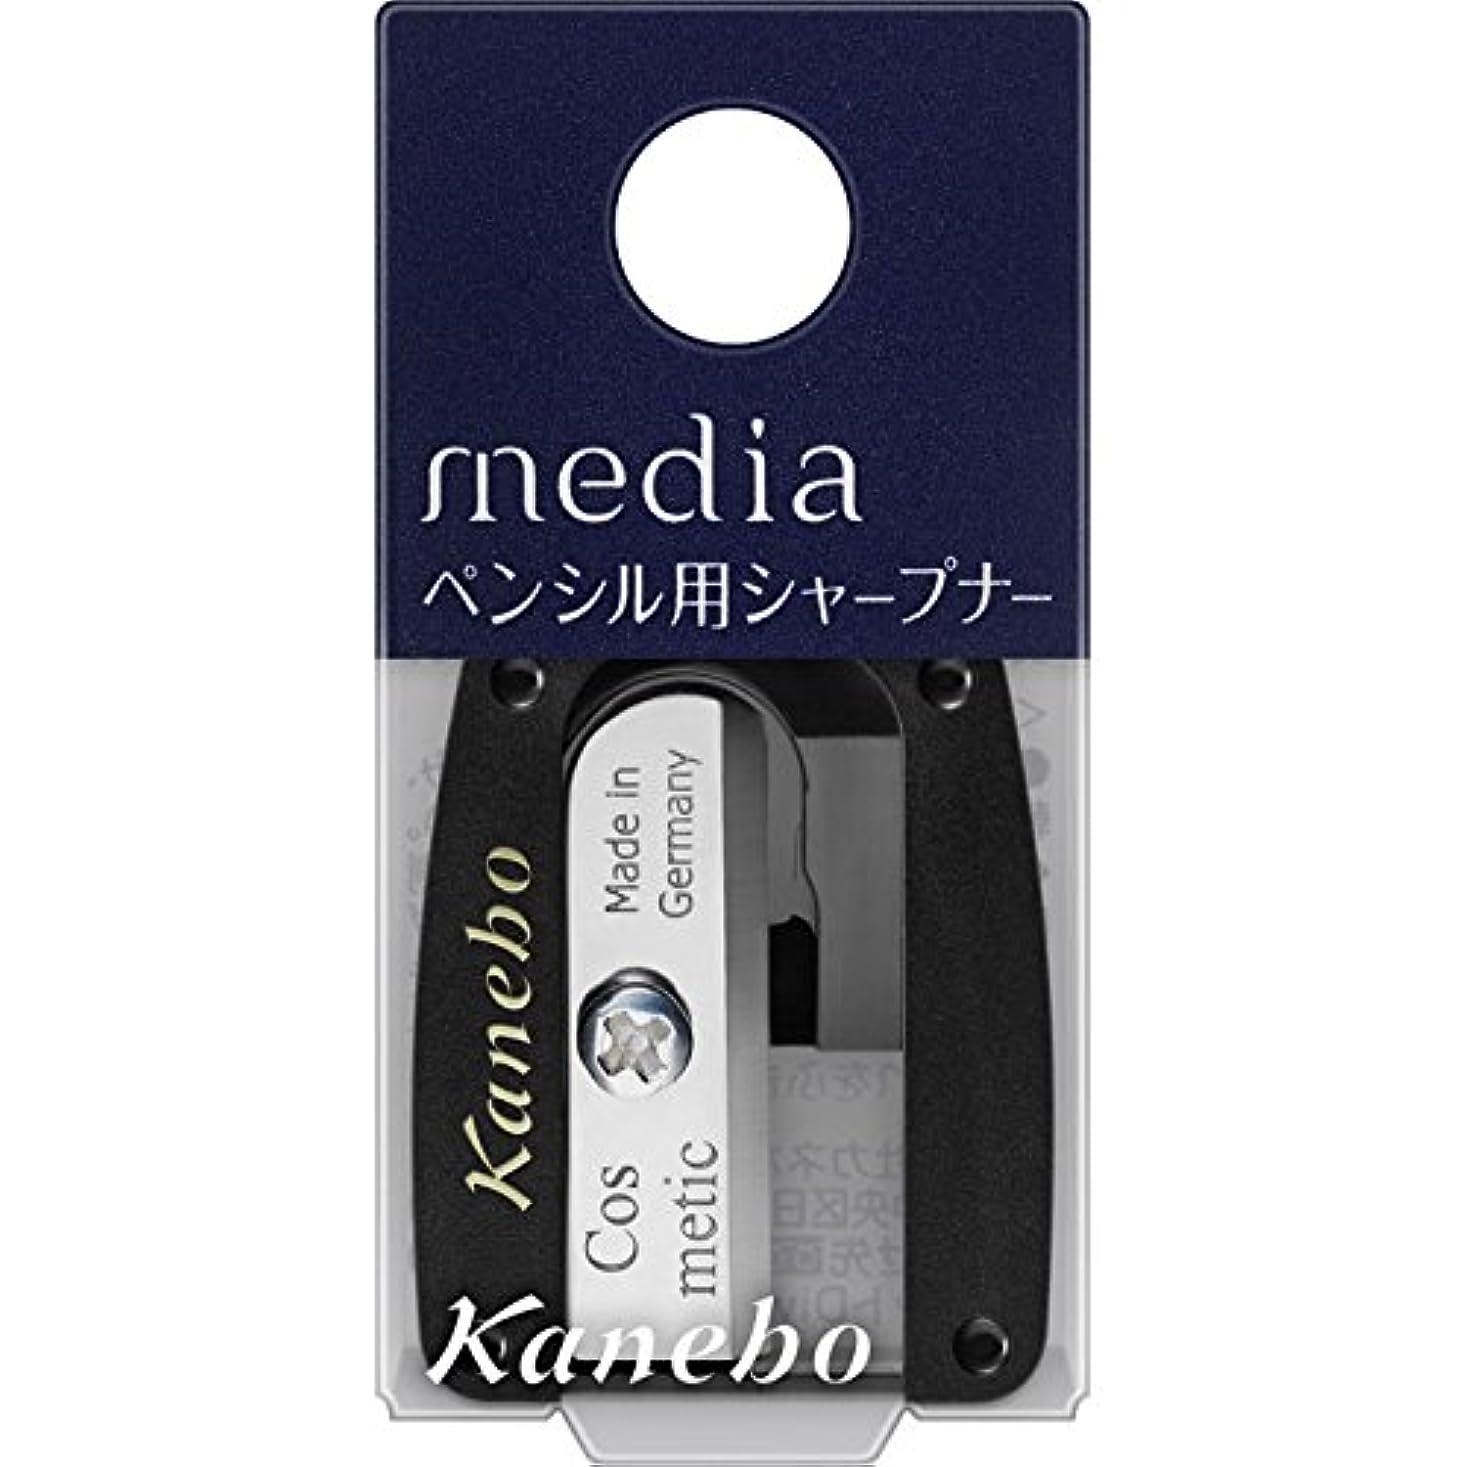 マート絶対に距離【カネボウ】 メディア ペンシル用シャープナー